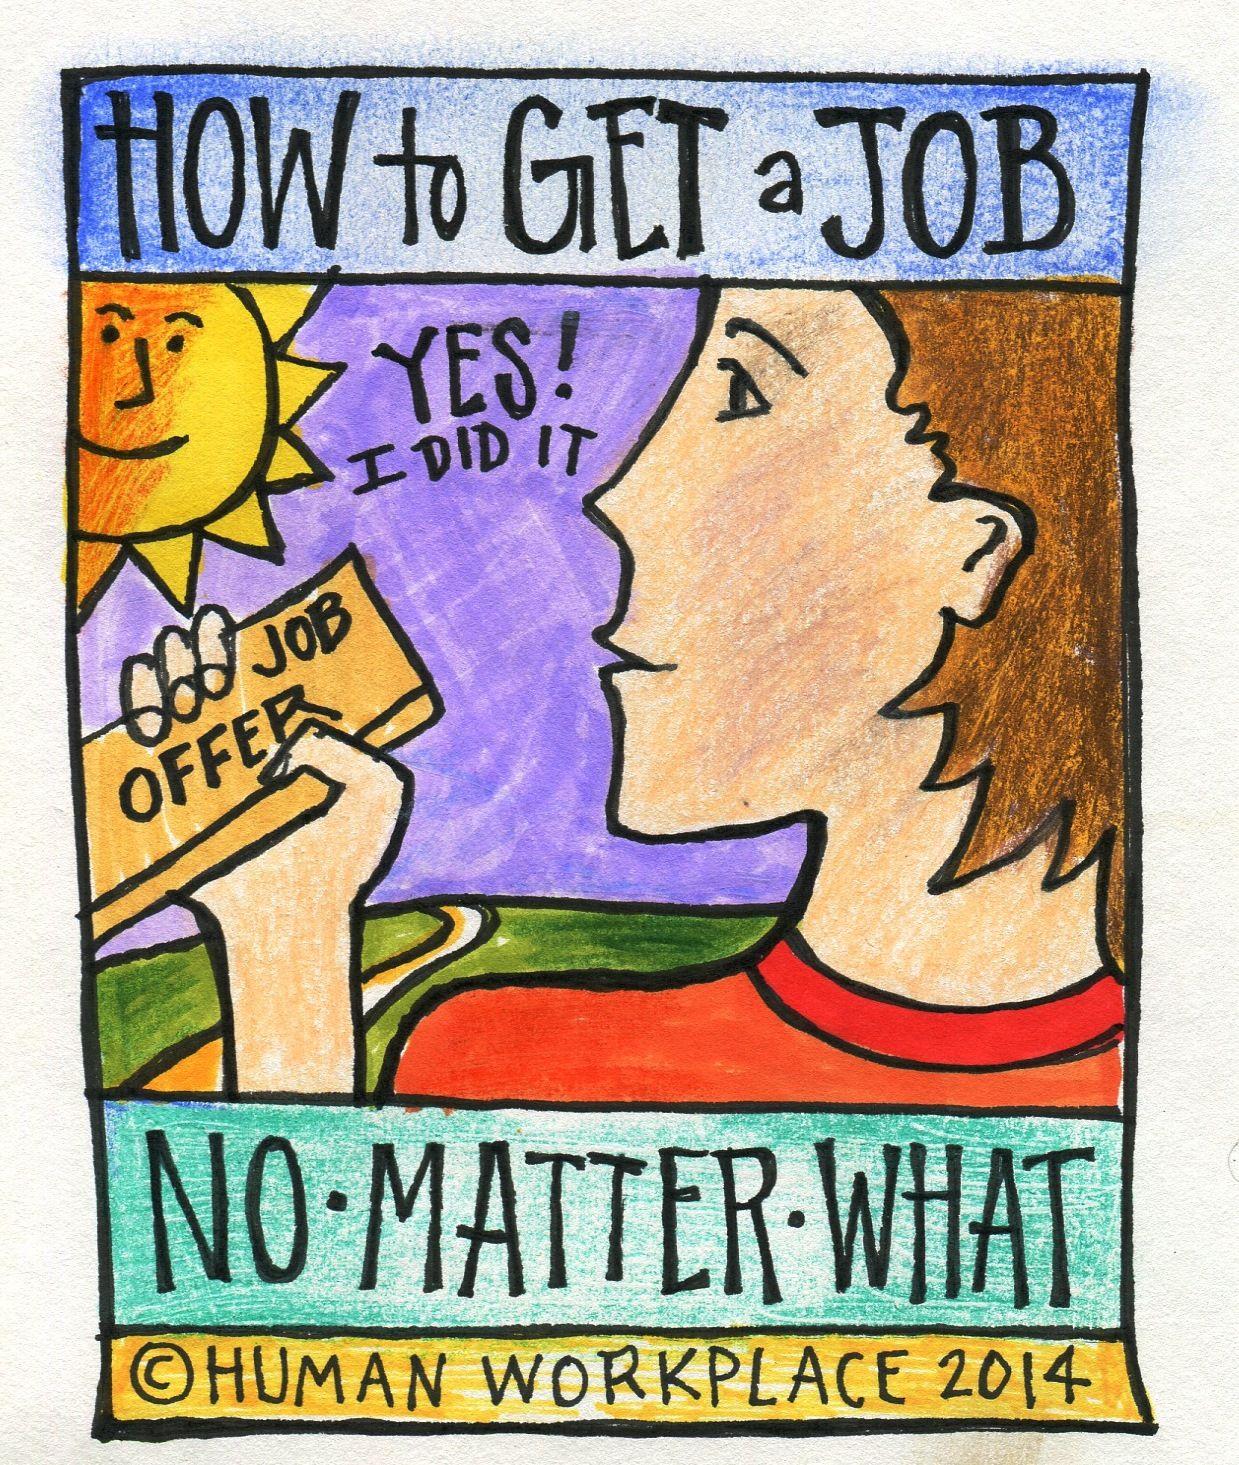 How to get a job, no matter what! Our Get a Job No Matter